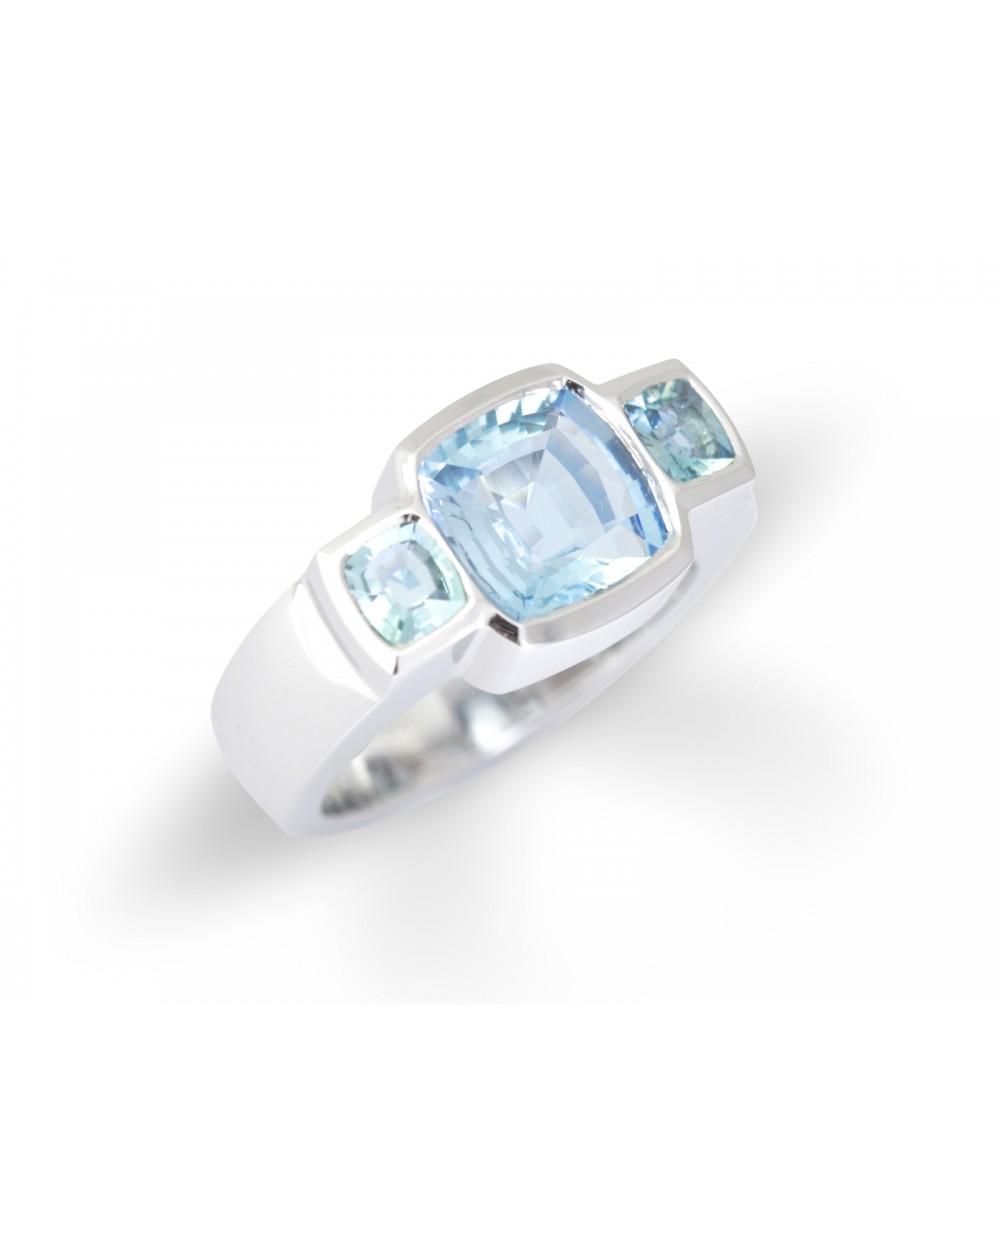 Ring 3 aquamarines